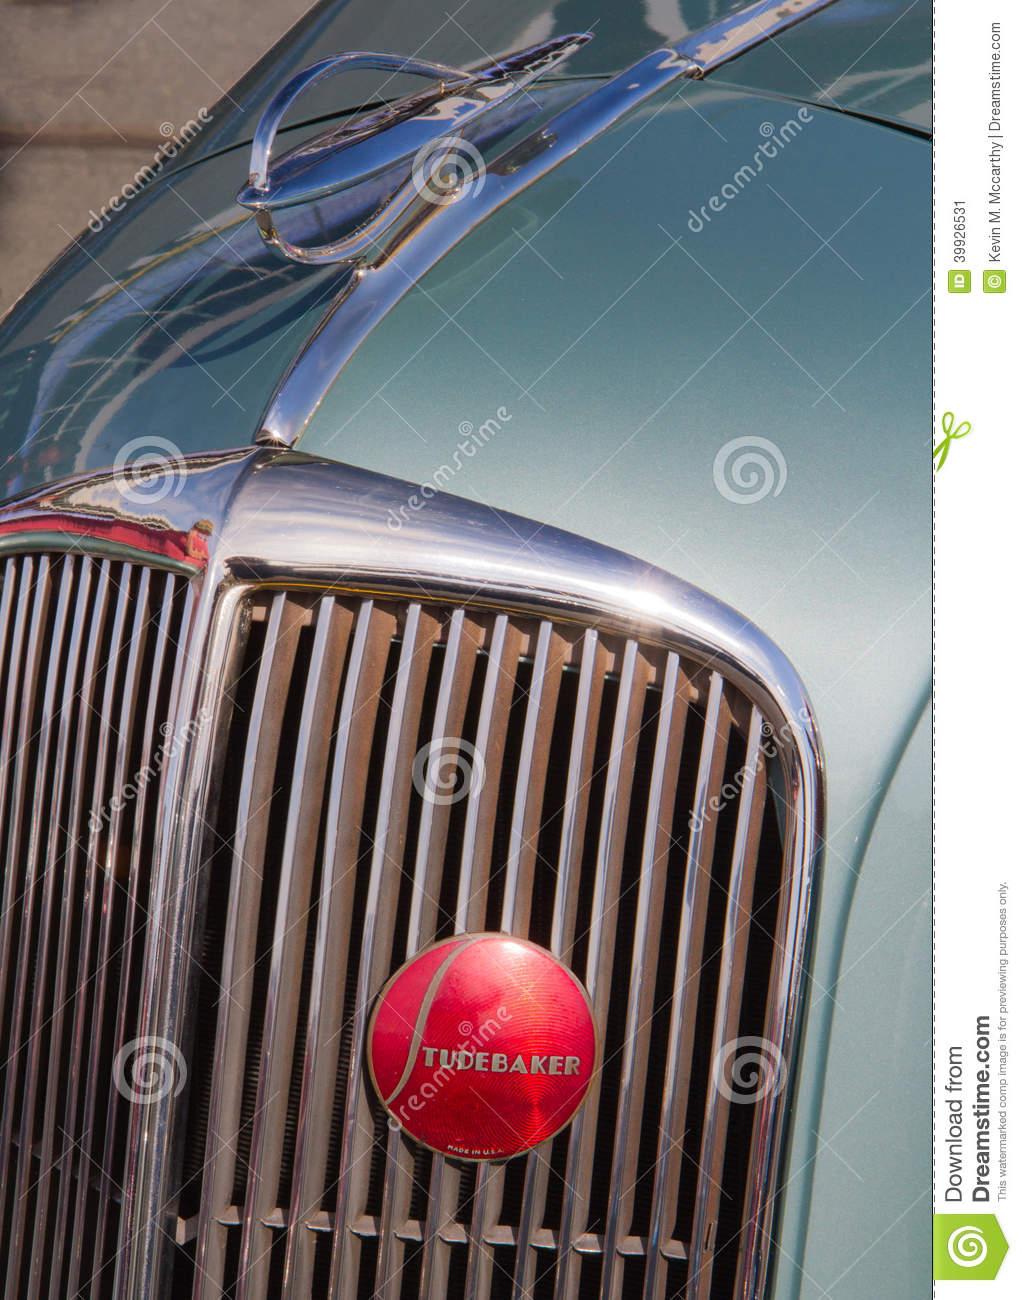 Studebaker car 1936 clipart.